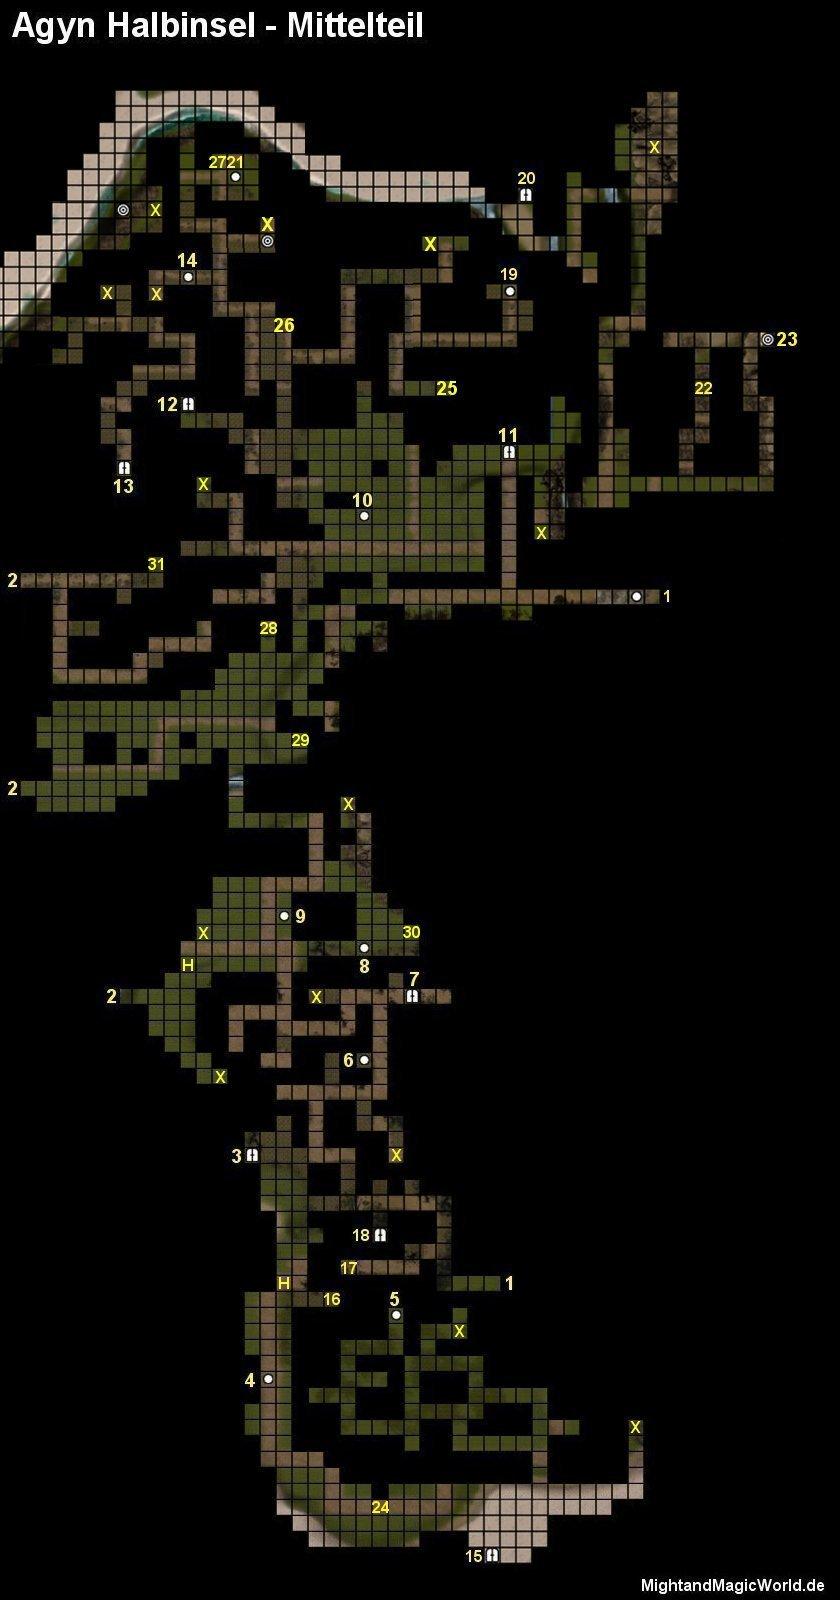 Map der Agyn Halbinsel - Mittelteil